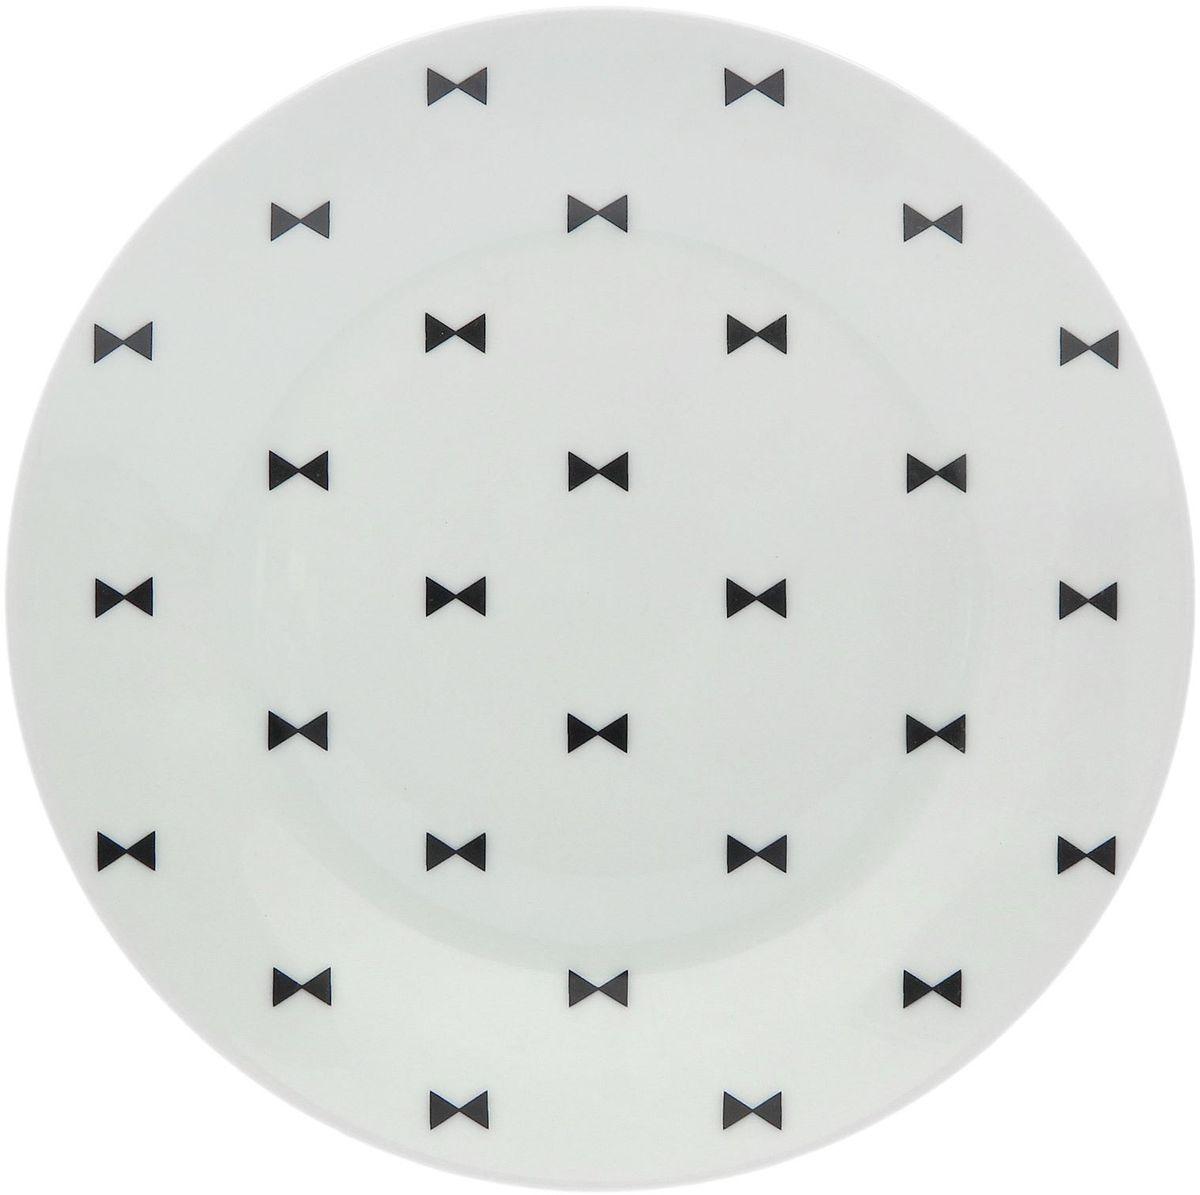 Тарелка мелкая Сотвори чудо Бантик, диаметр 20 см115610Хотите обновить интерьер кухни или гостиной? Устраиваете необычную фотосессию или тематический праздник? А может, просто ищете подарок для близкого человека? Посуда Сотвори Чудо — правильный выбор в любой ситуации. Тарелка Сотвори Чудо, изготовленная из изящного фаянса нежного сливочного цвета, оформлена оригинальным рисунком со стойкой краской. Пригодна для посудомоечной машины.